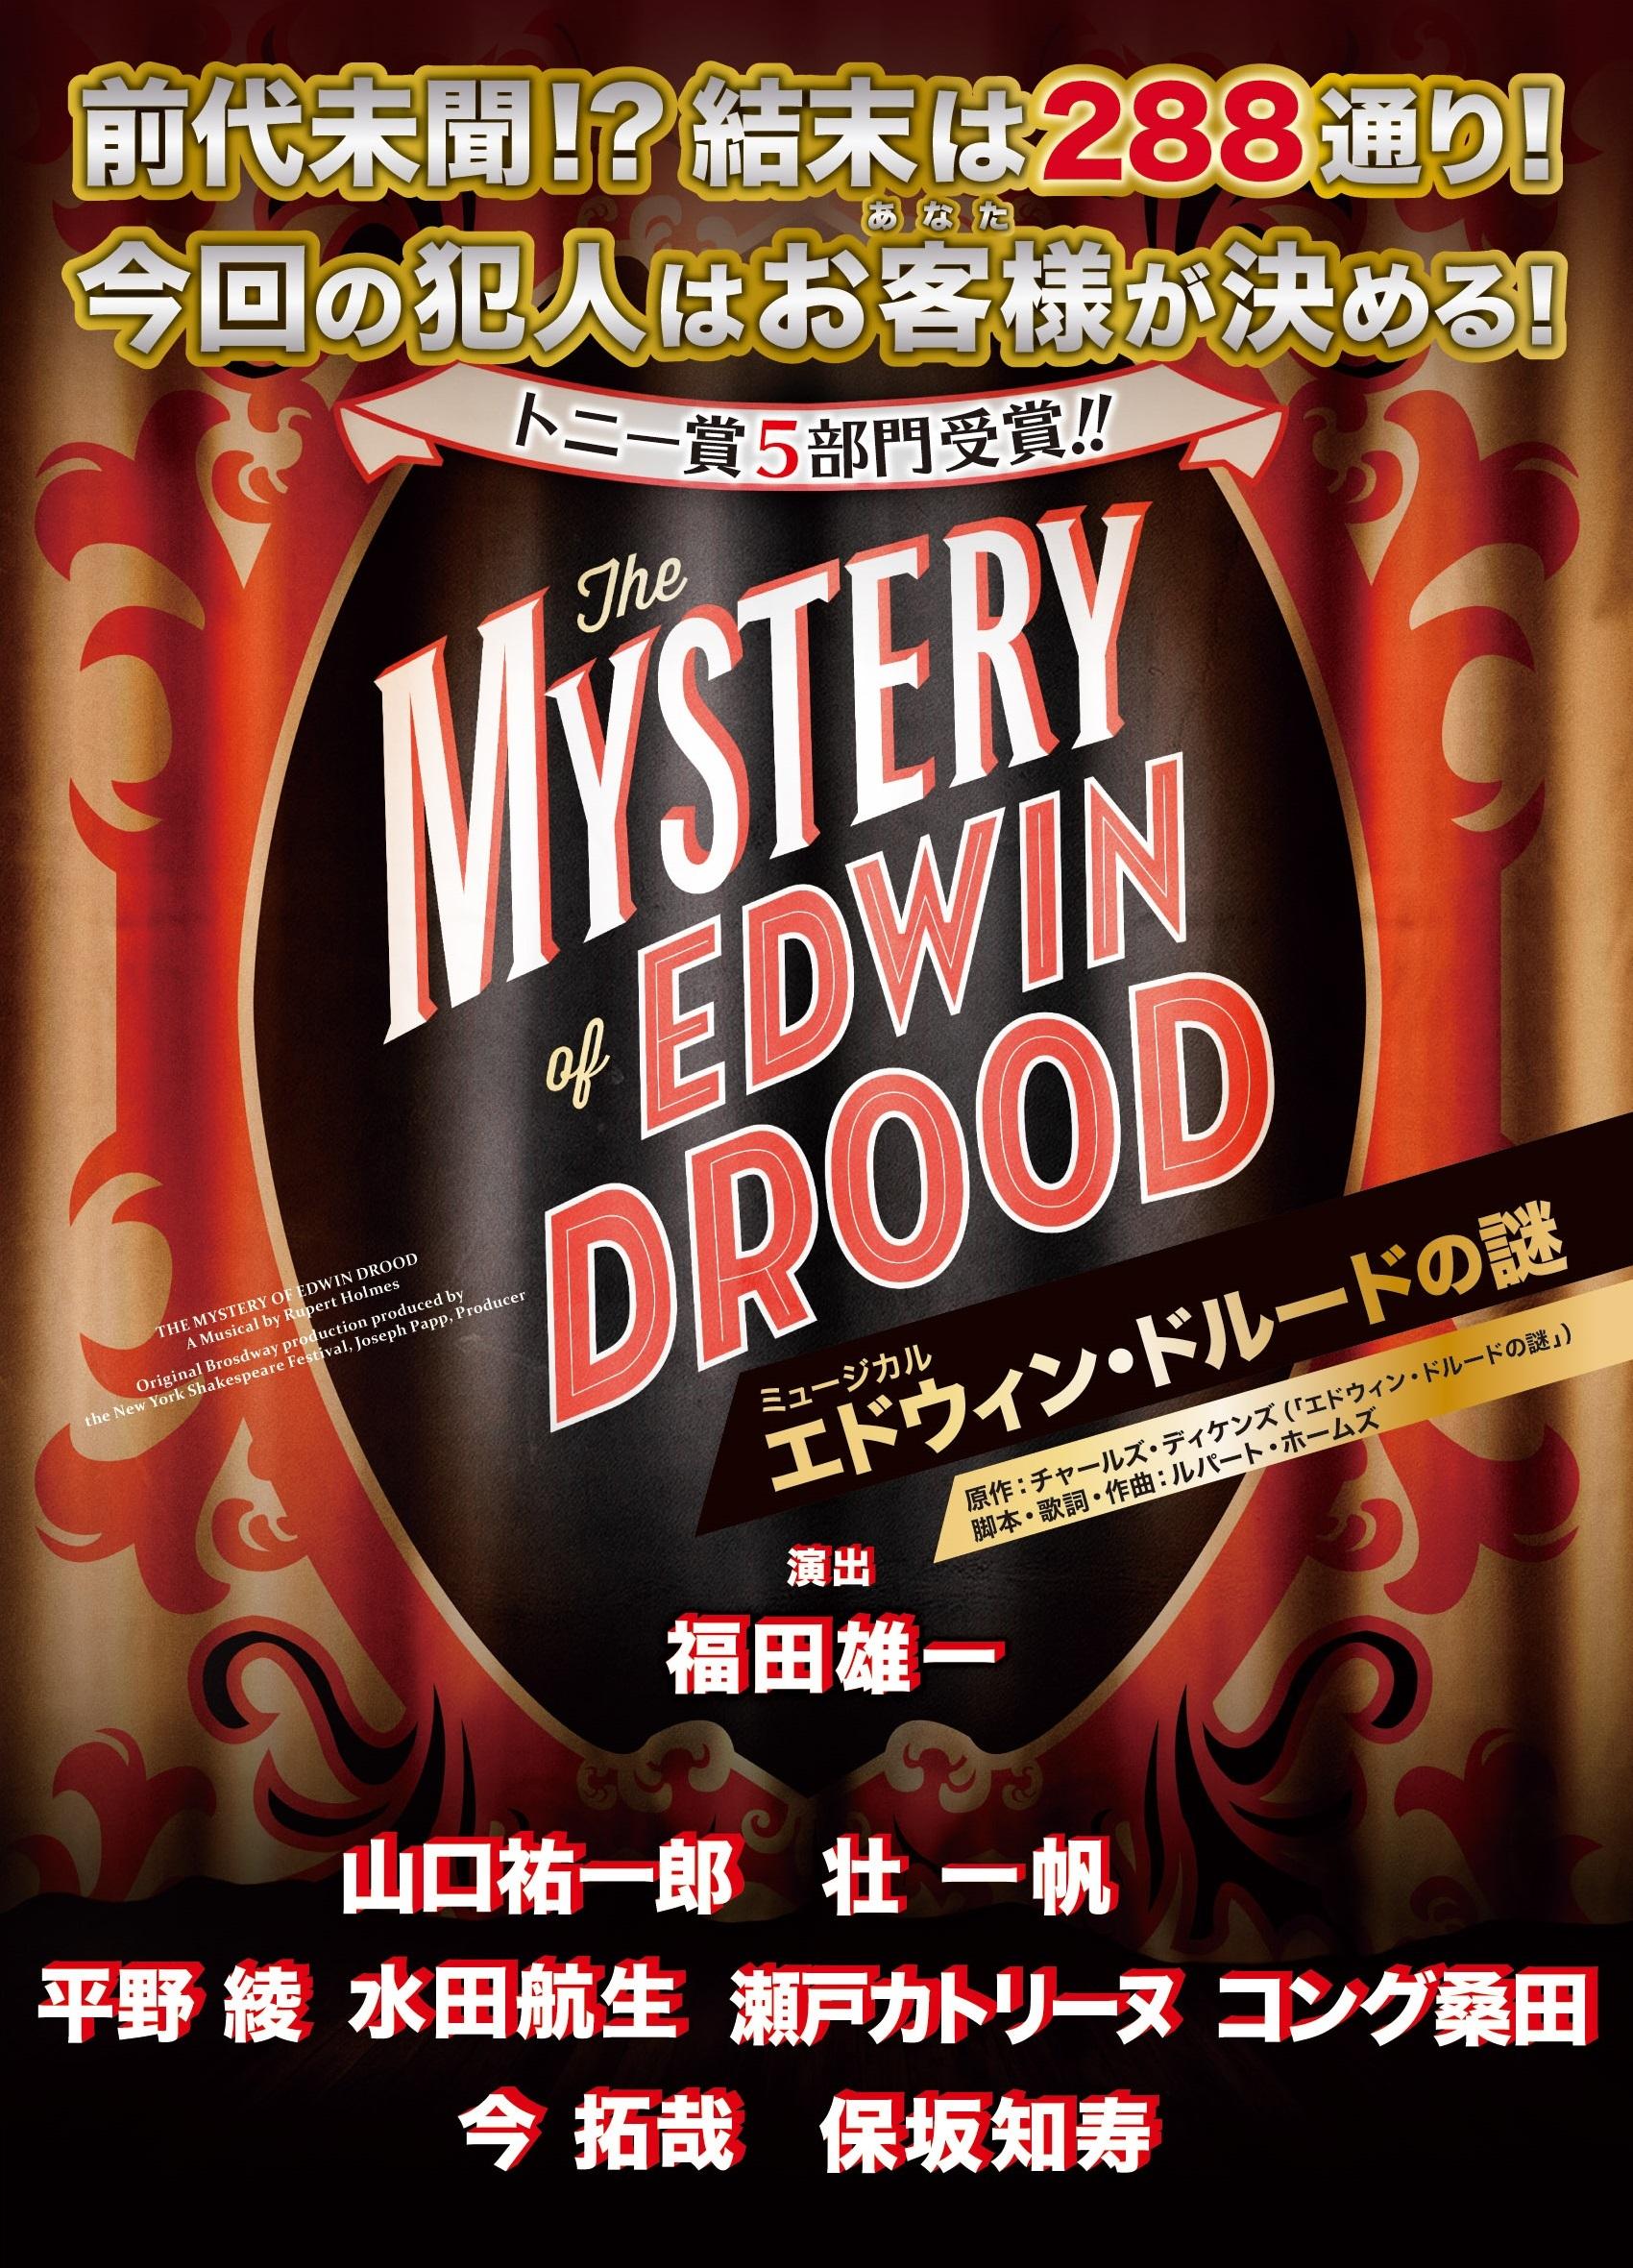 「エドウィン・ドルードの謎」